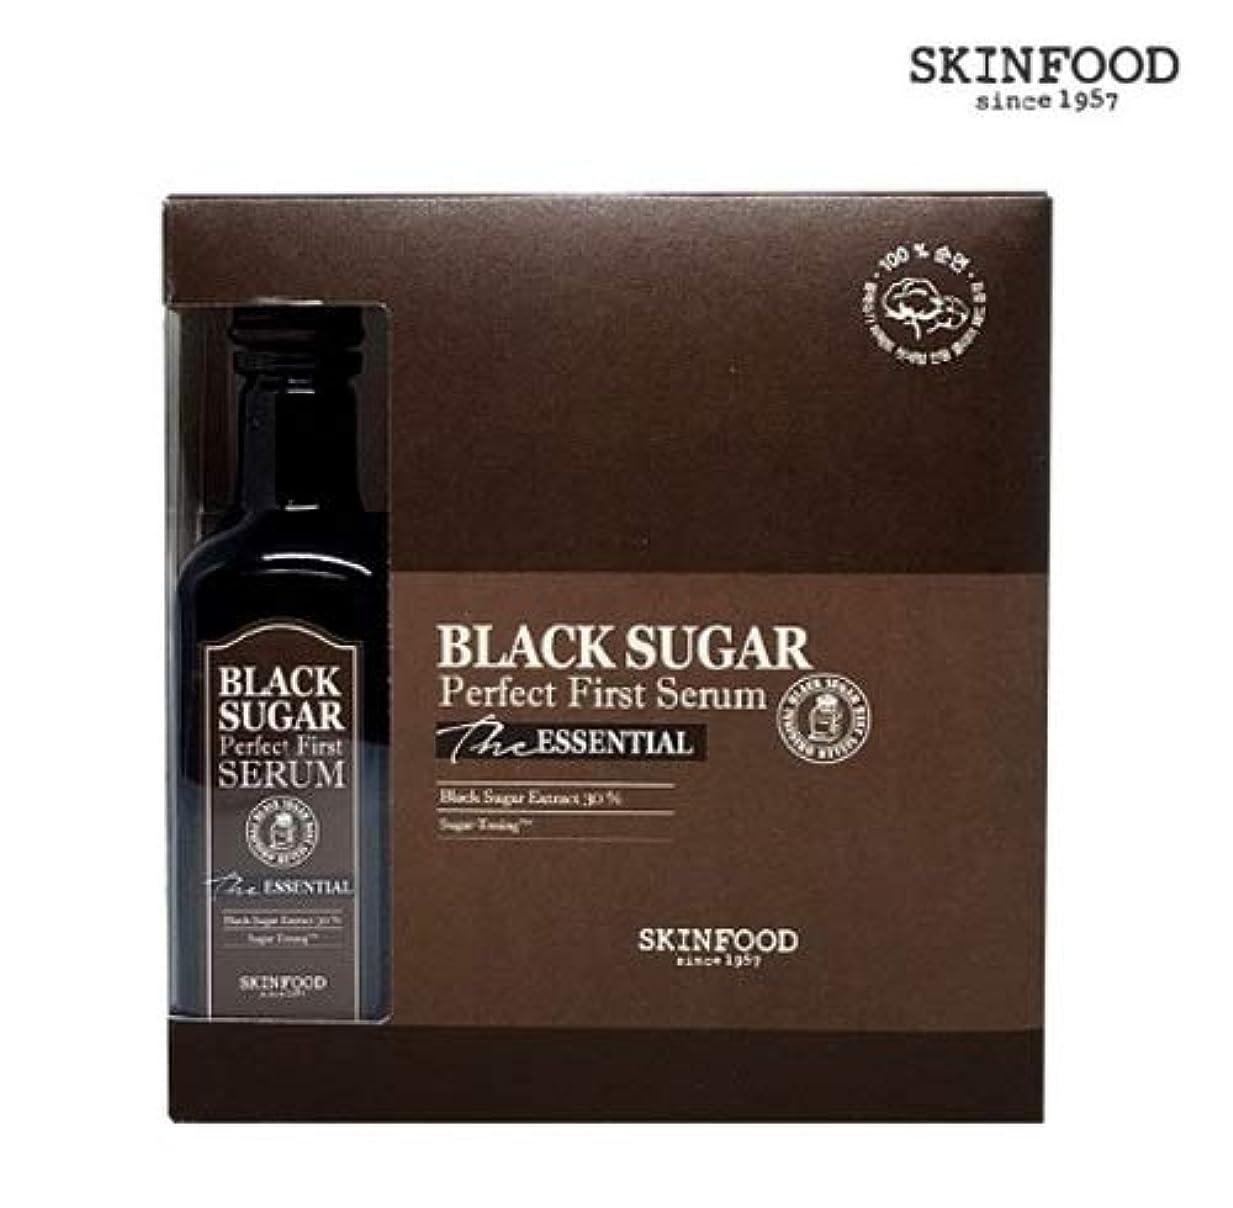 ポルトガル語夏懐疑論Skin foodスキンフードブラックシュガーパーフェクト最初血清 (専用化粧綿60枚を含む)